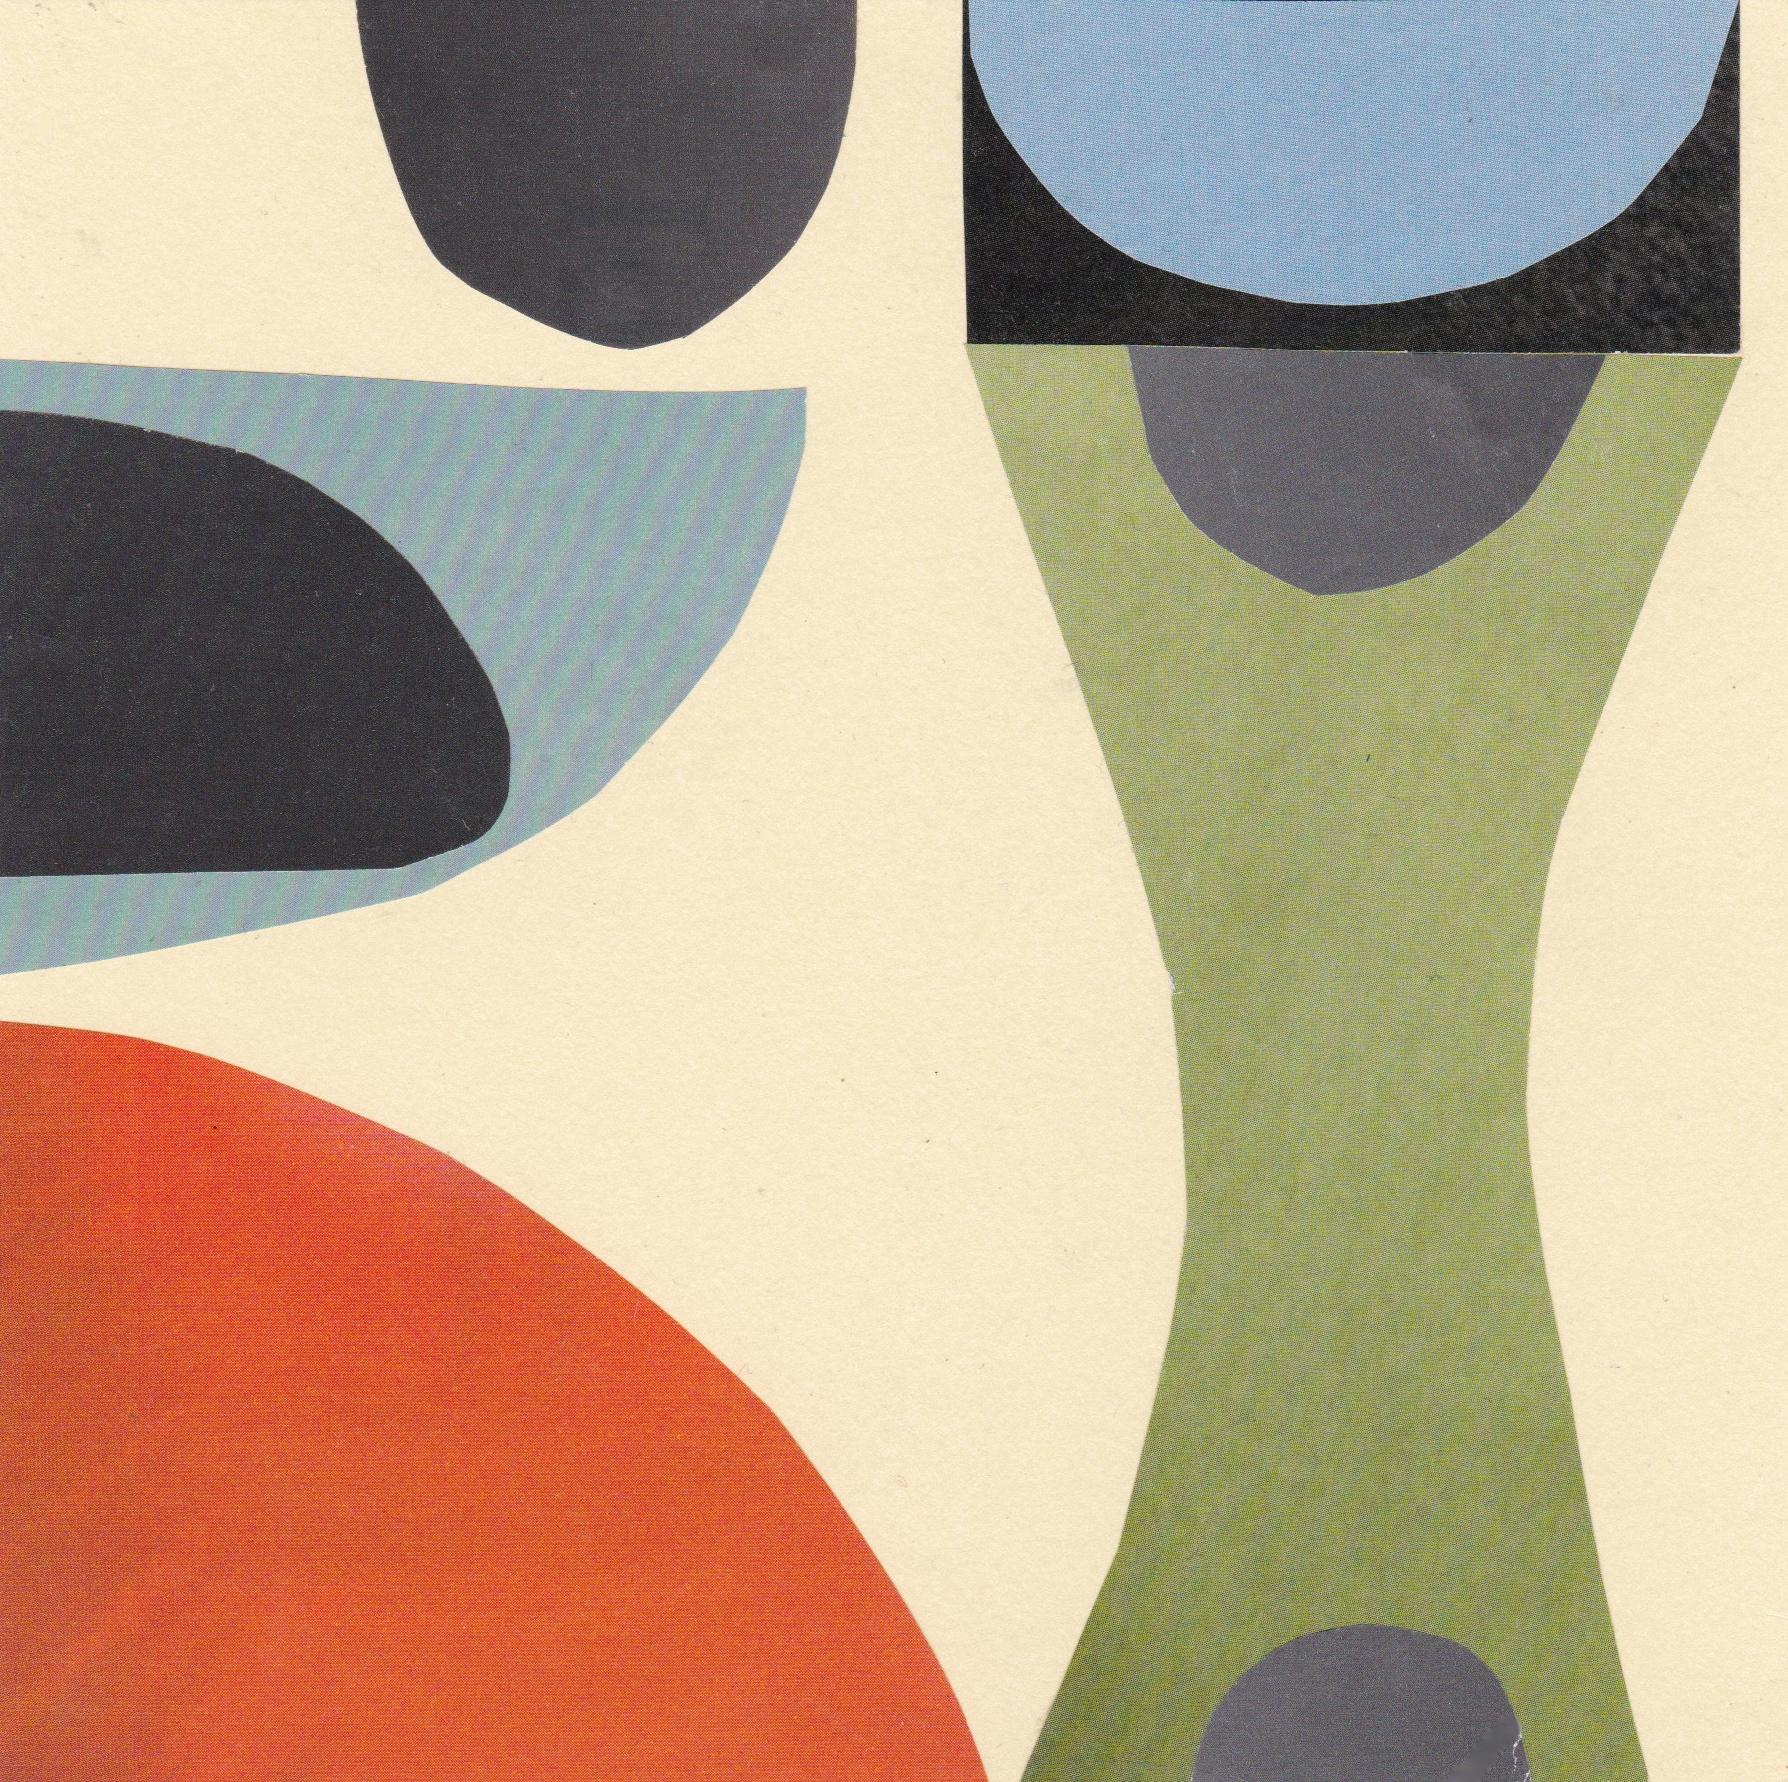 mag collage-big orangedot+stripe.jpeg